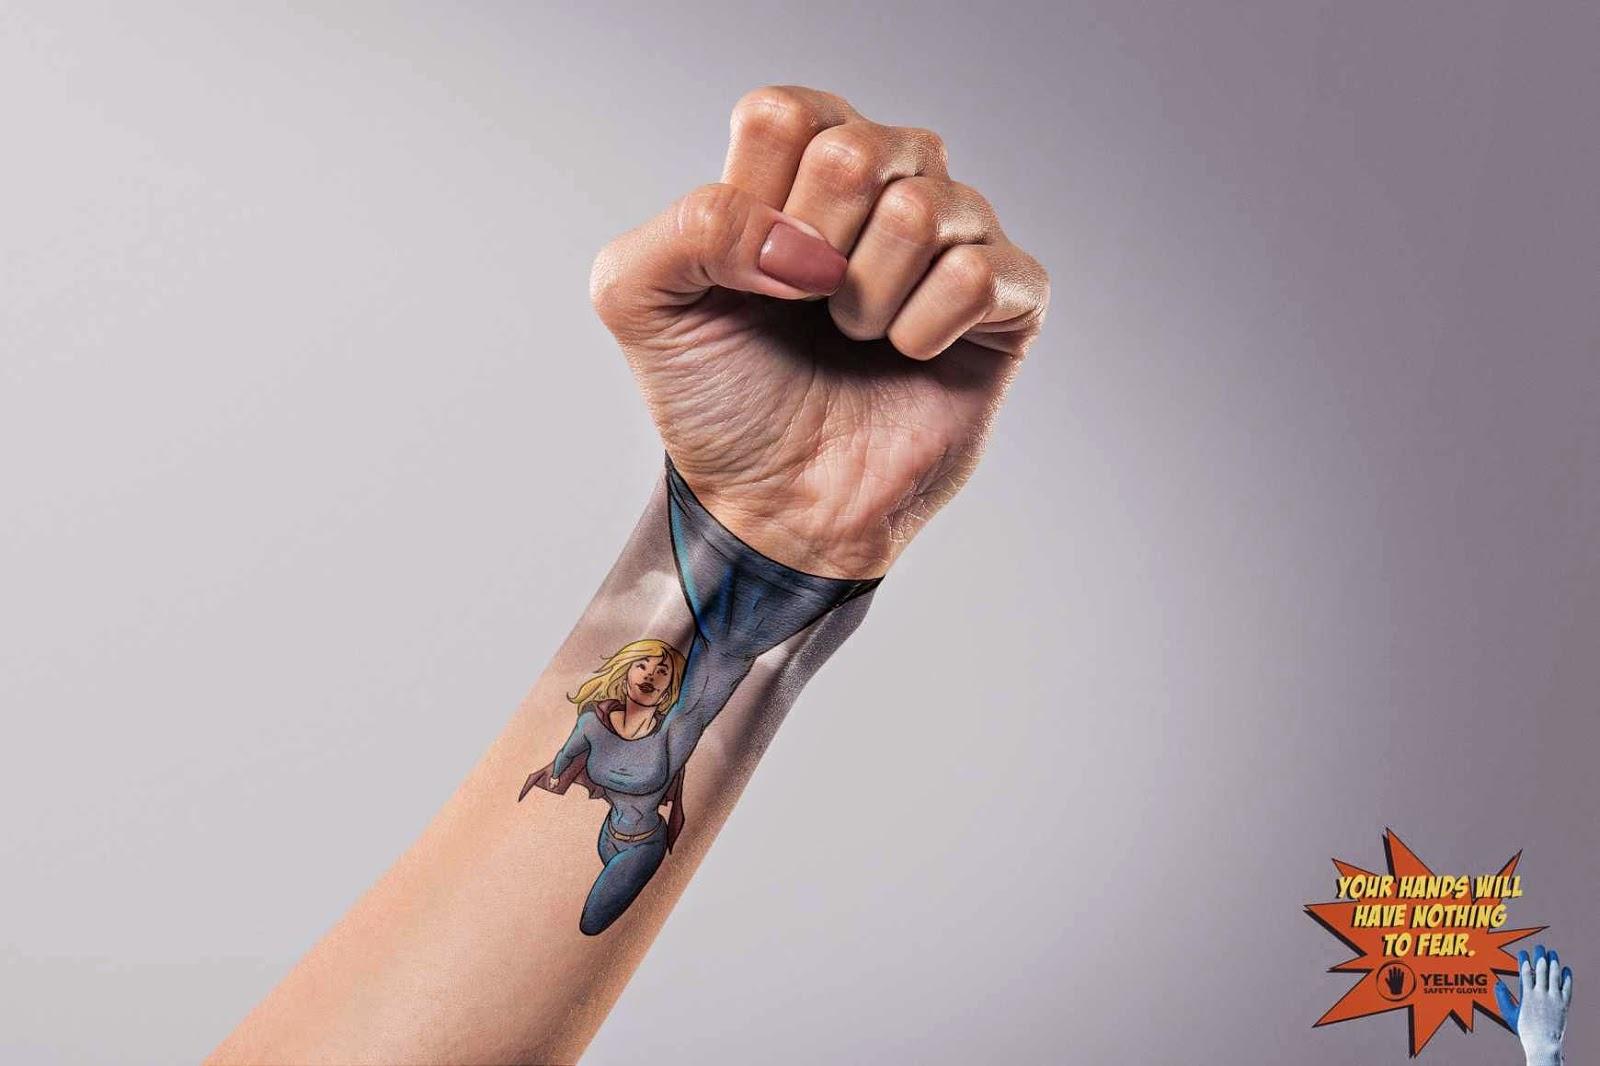 Publicidad y creatividad -advertising and creativity - Body paint